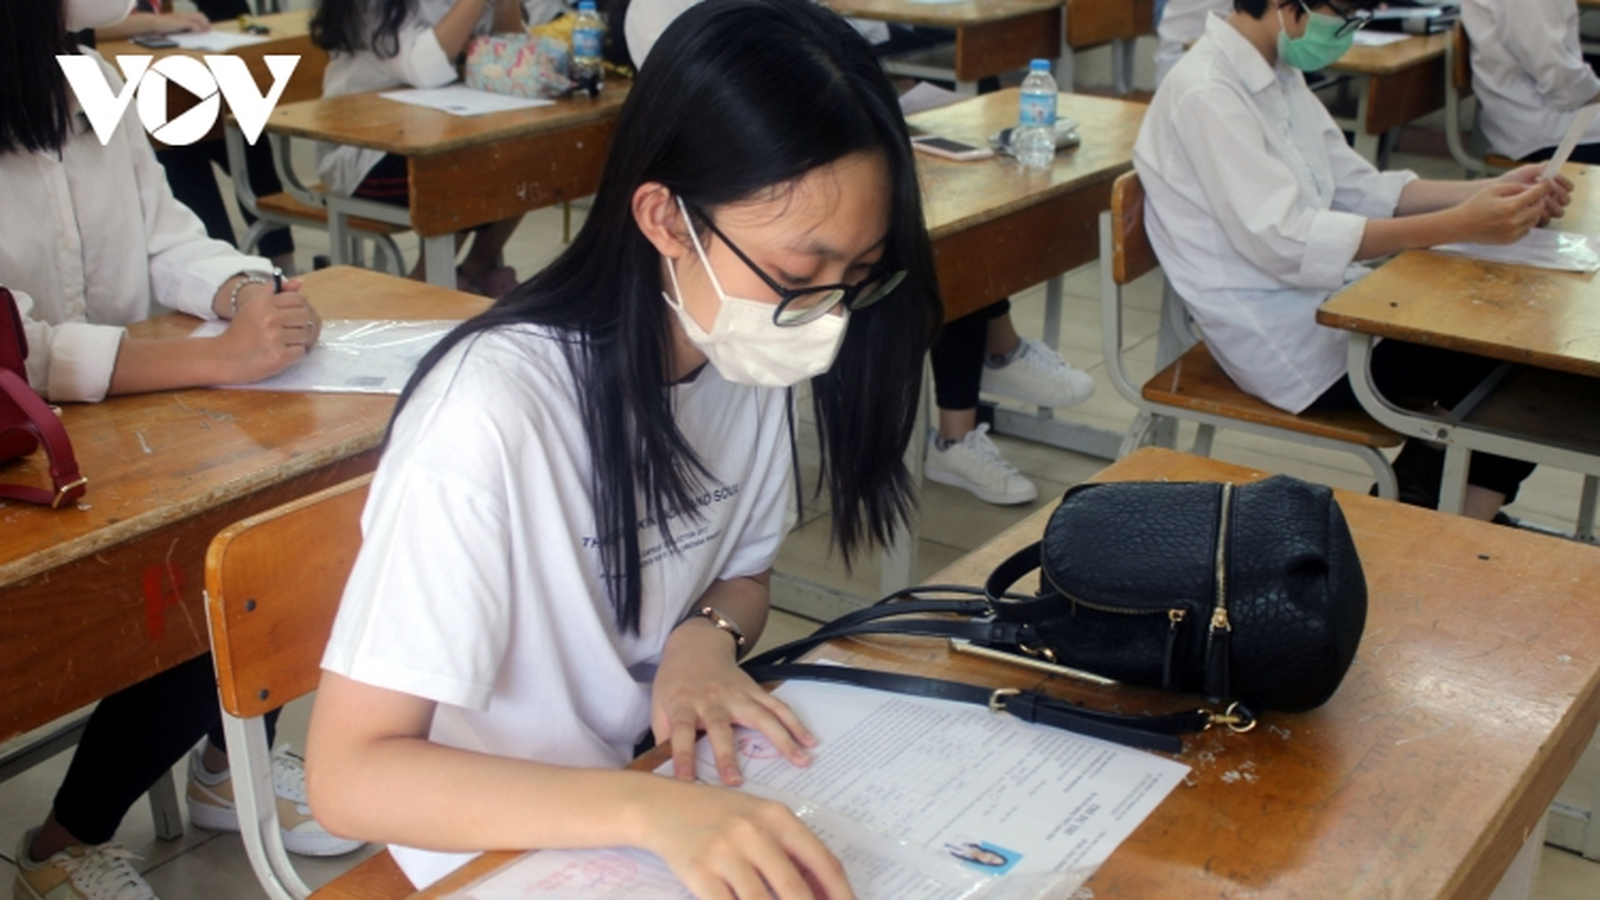 """Sẽ cấp giấy xác nhận kết quả học tập cho HS phải """"học tạm"""" tại địa phương khác do dịch"""